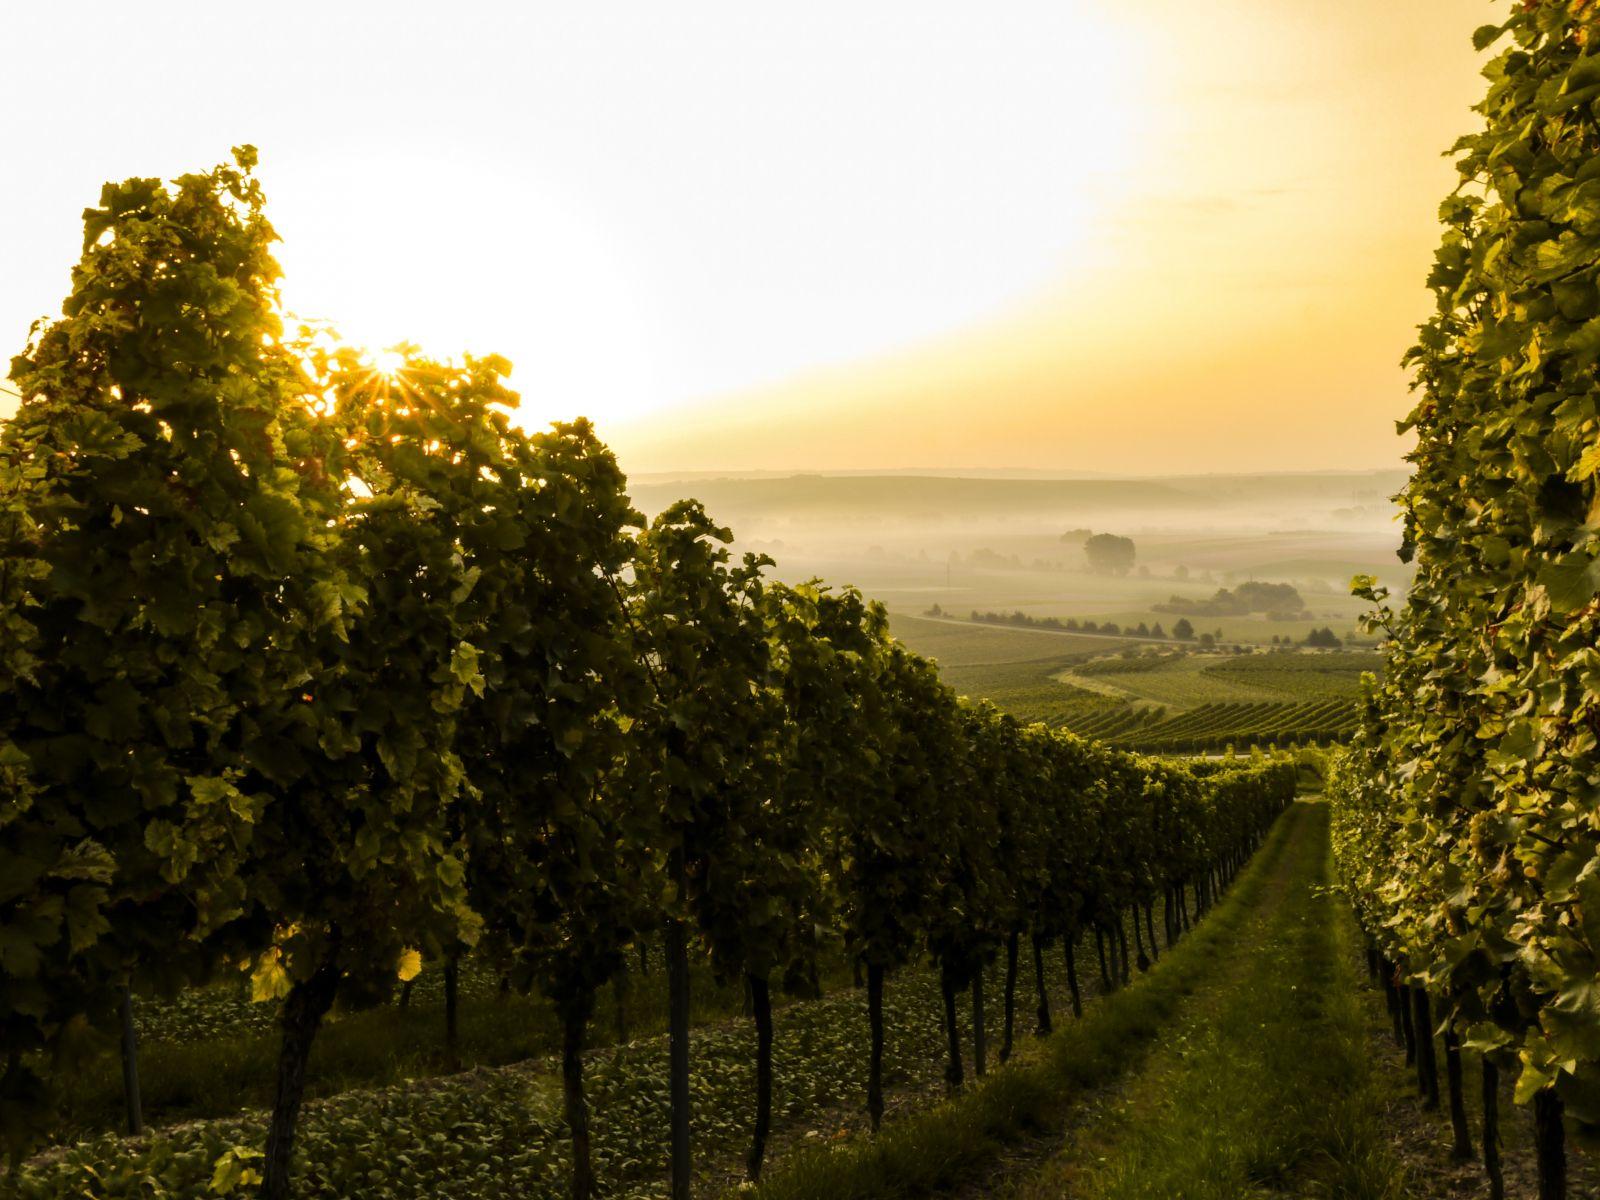 Продажа виноградников во франции дубай ростов